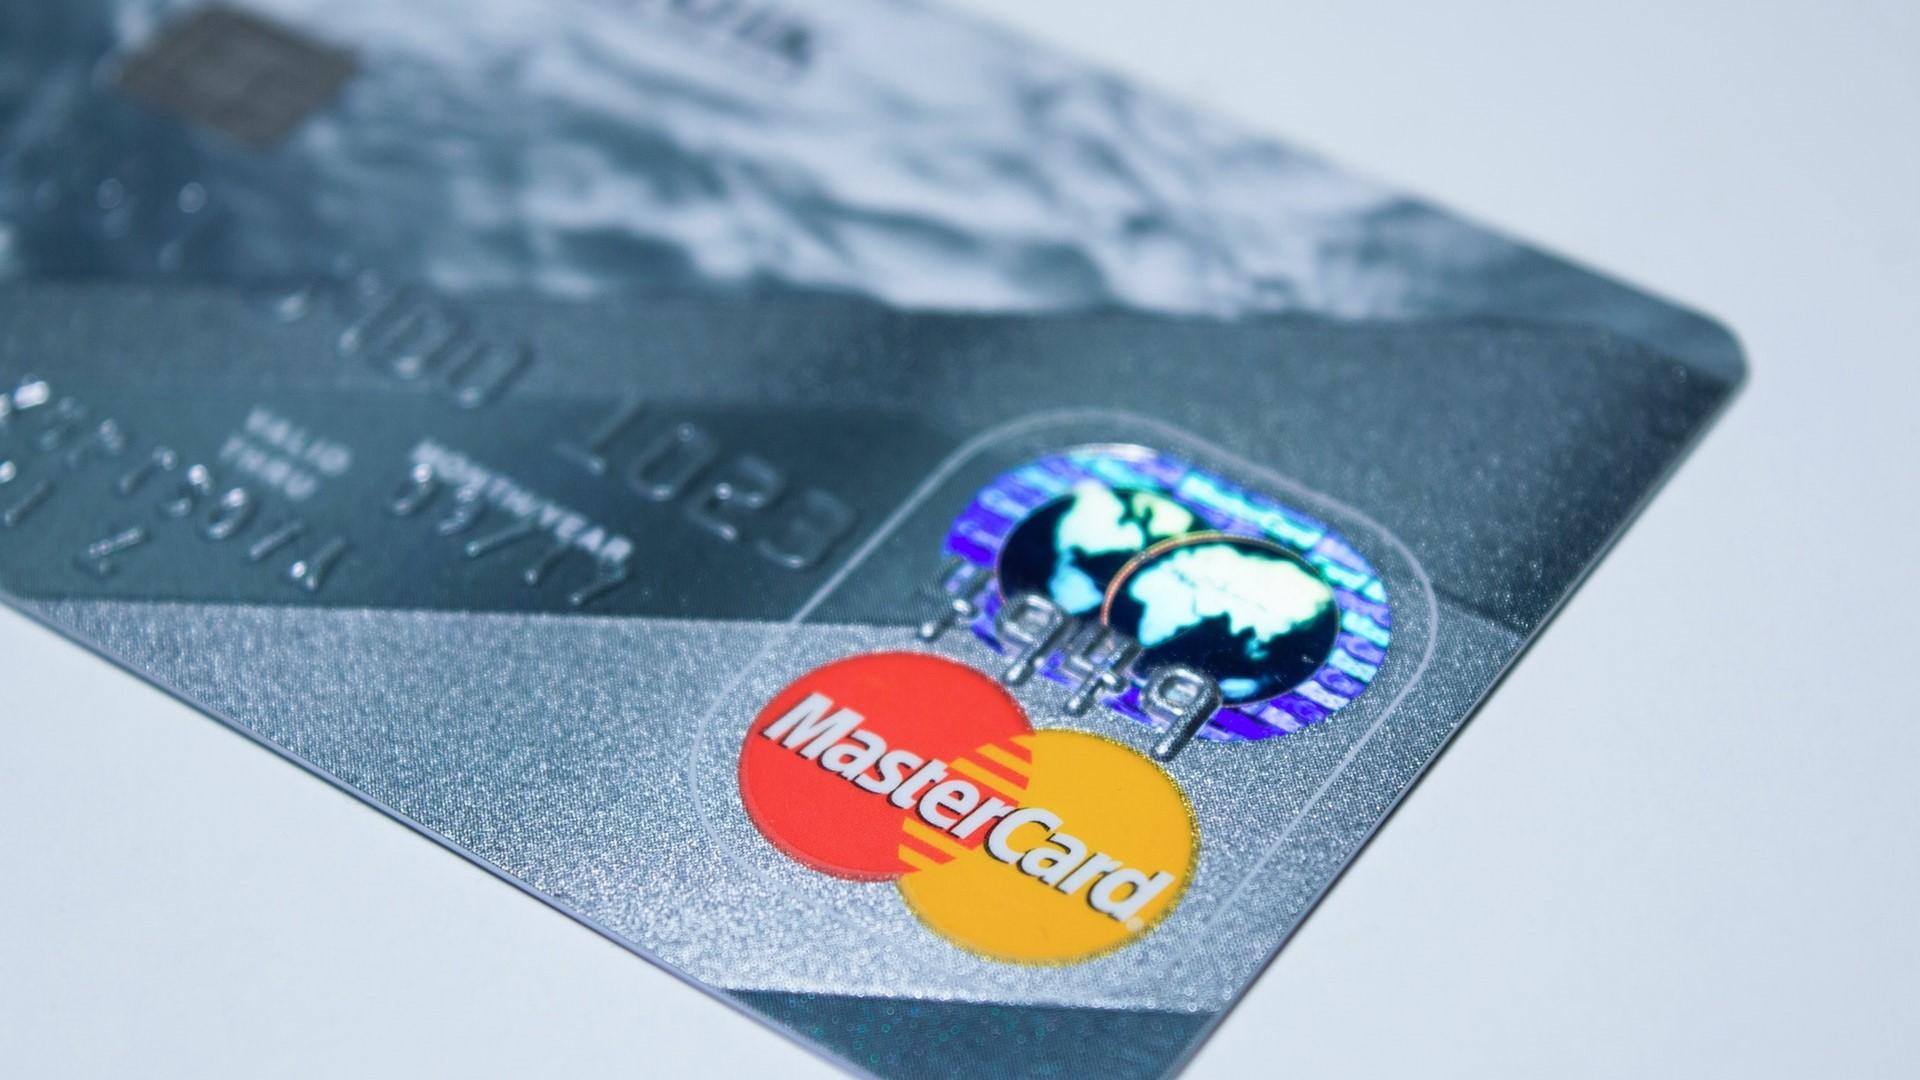 - Google kjøpte Mastercard-data for å koble nettannonser mot butikkjøp.